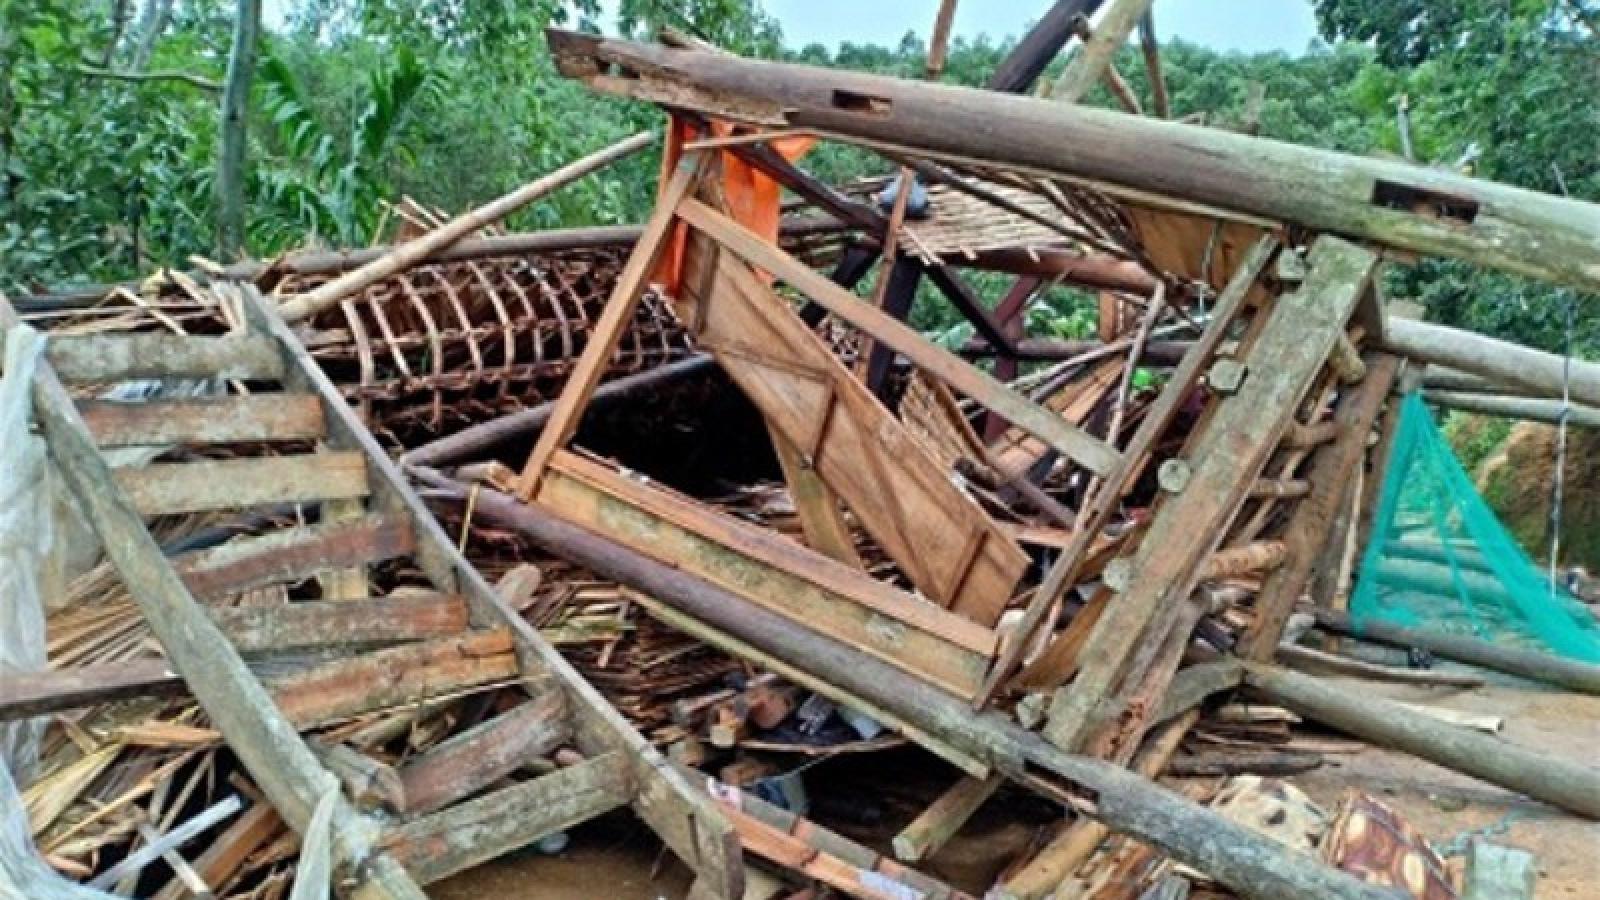 Mưa giông ở Yên Bái làm 1 người bị thương, hơn 40 ngôi nhà hư hỏng